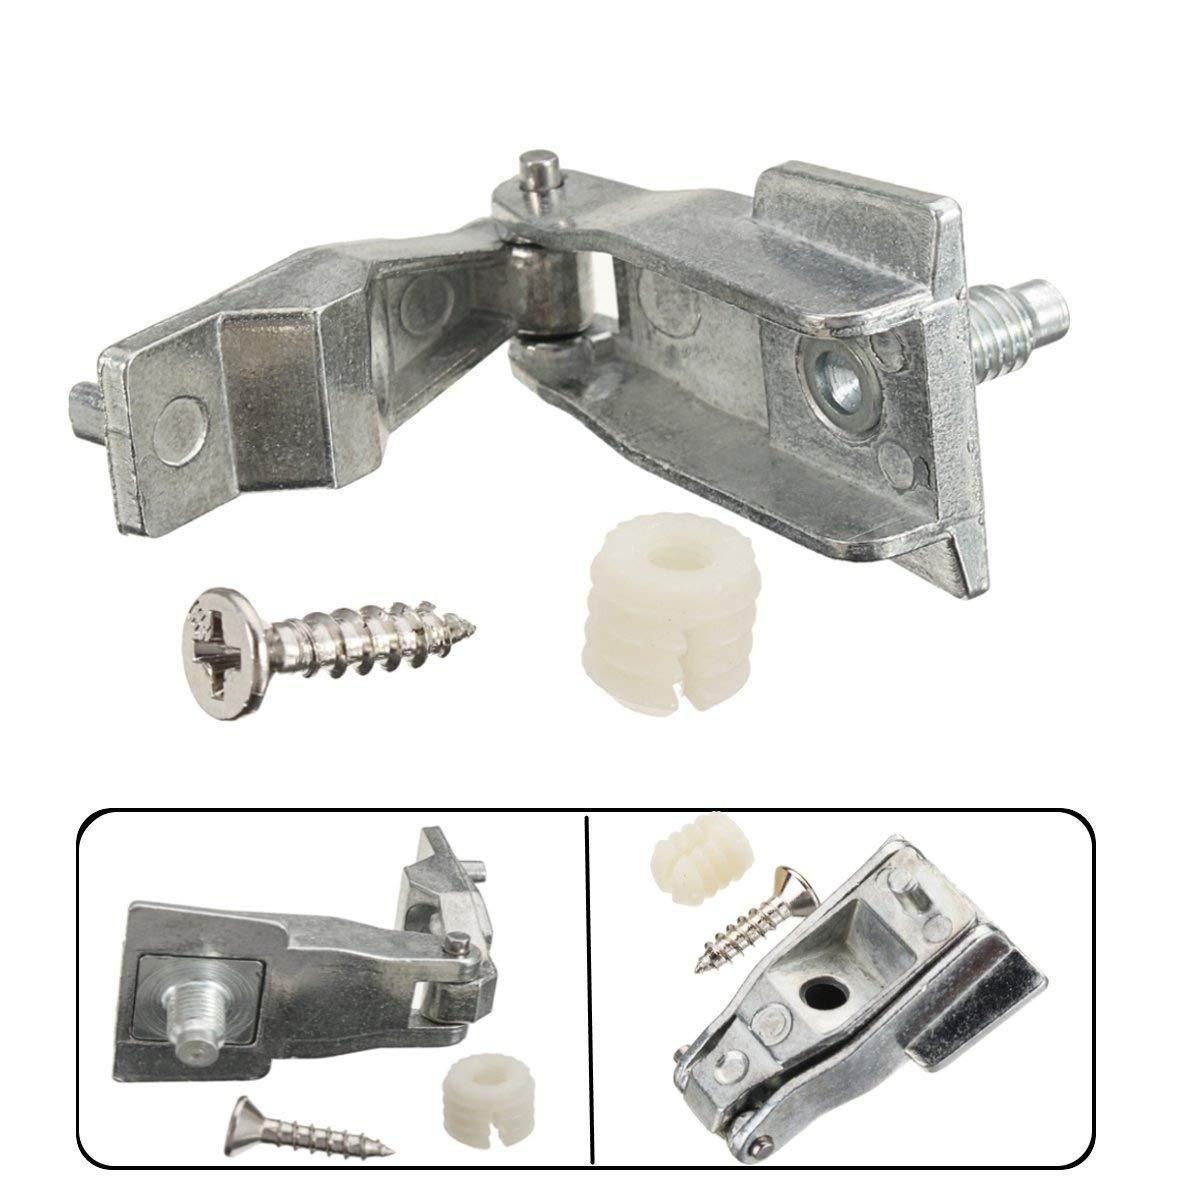 TOOGOO Kit de Reparación de Bisagras de Manejar de Puerta Exterior de Metal Cromado Os/NS para Fiat 500 51964555: Amazon.es: Coche y moto